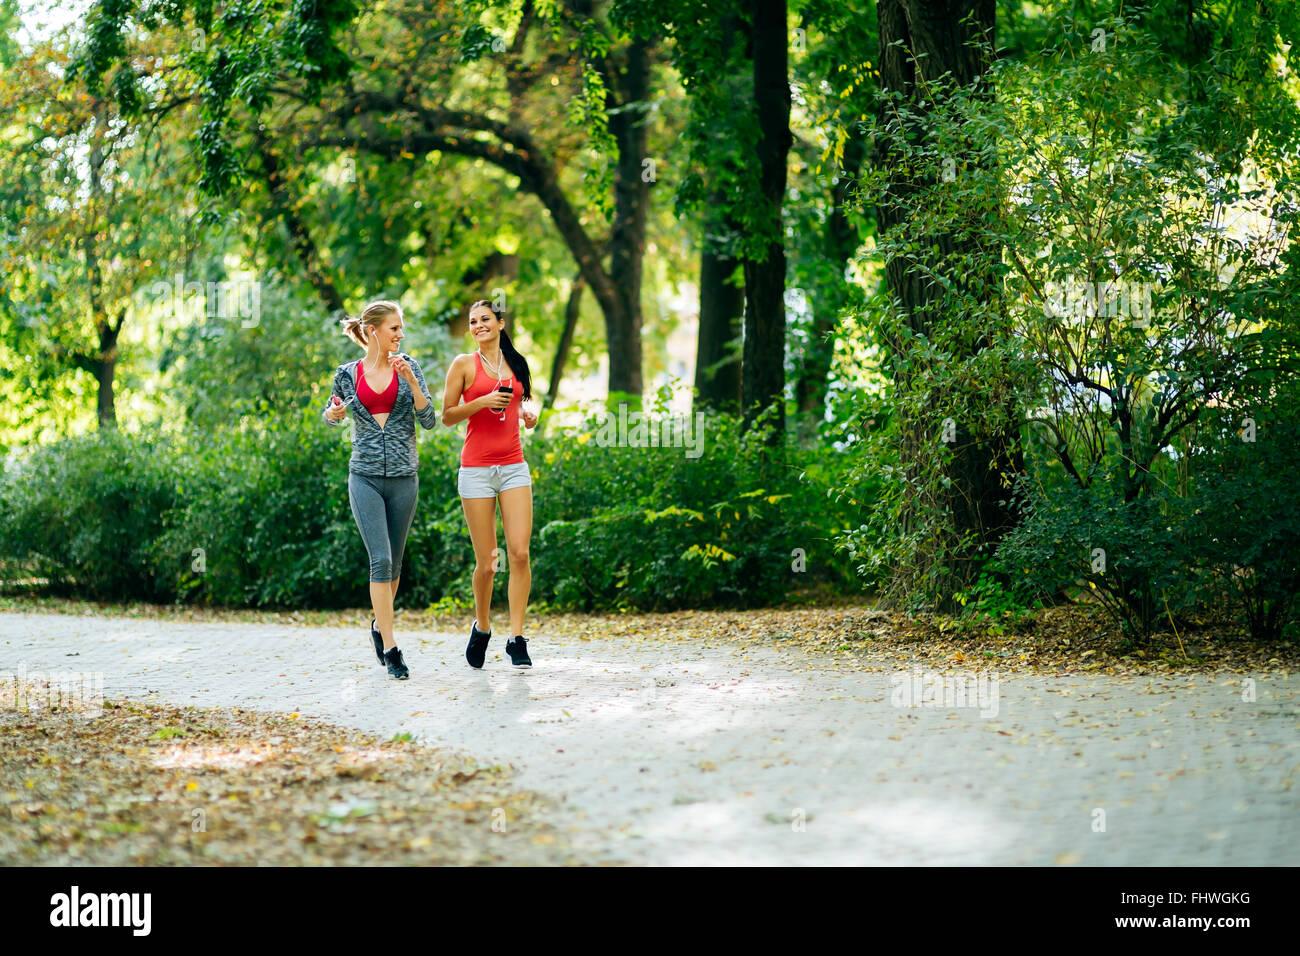 Les femmes sportives en jogging park et à l'écoute de musique au moyen d'écouteurs Photo Stock